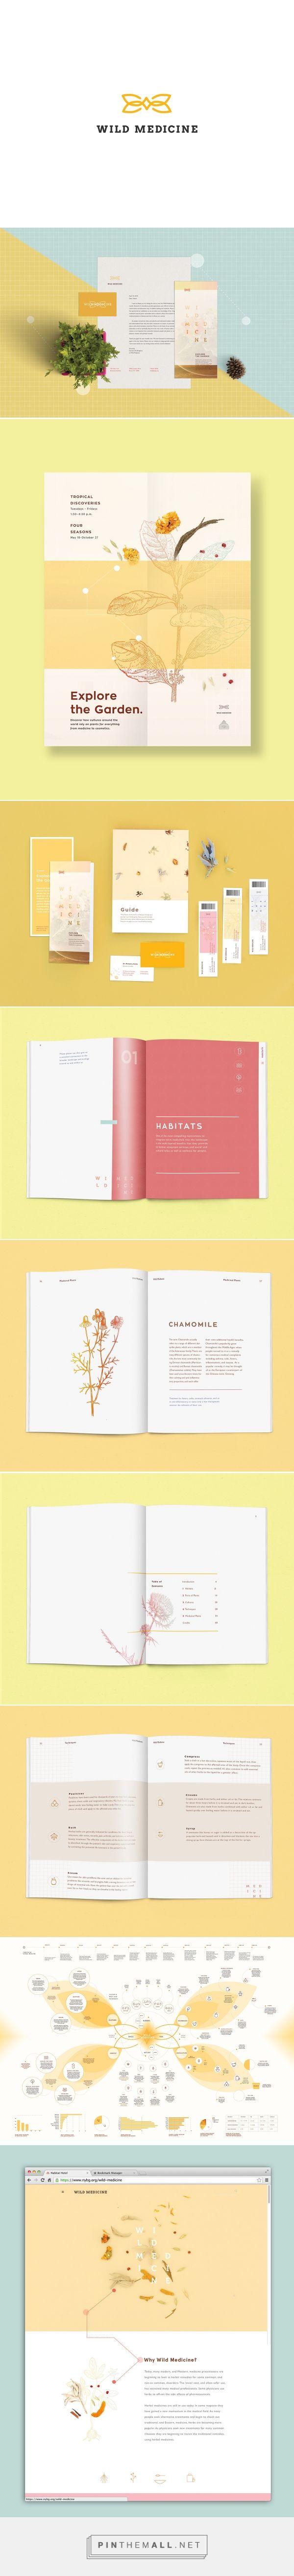 Wild Medicine por #Grace #Kuk en #Behance.  #marca #brand #branding #diseño #design #gráfico #graphic #inspiración #inspiration #creatividad #creativity #portfolio #tipografía #typography #logo #logotype #editorial #wild #medicine #mockup